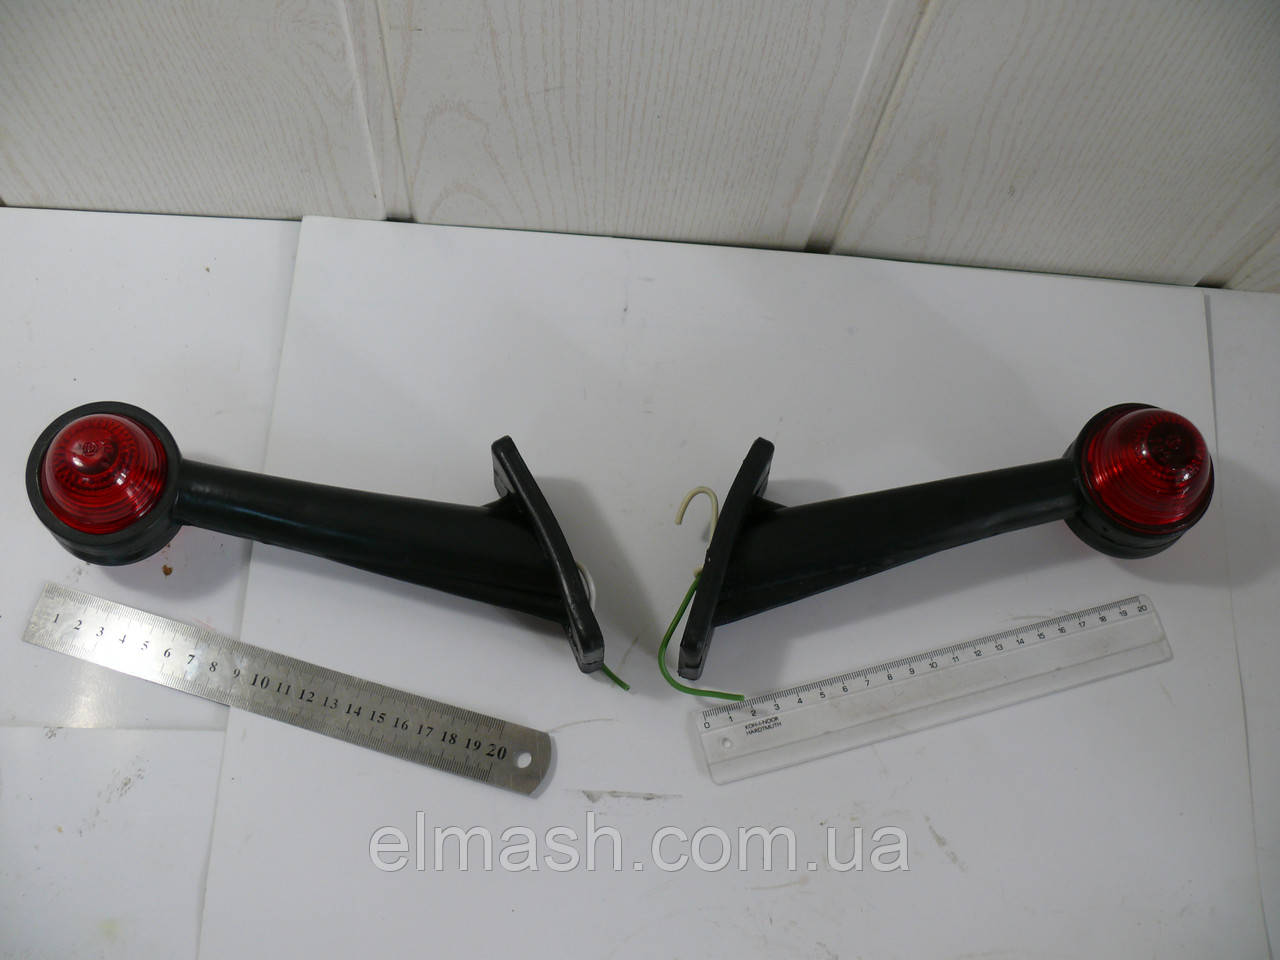 Фонарь габарита грузового прицепа правый лампа, LED (рожок прямой, длинный) (пр-во Турция)